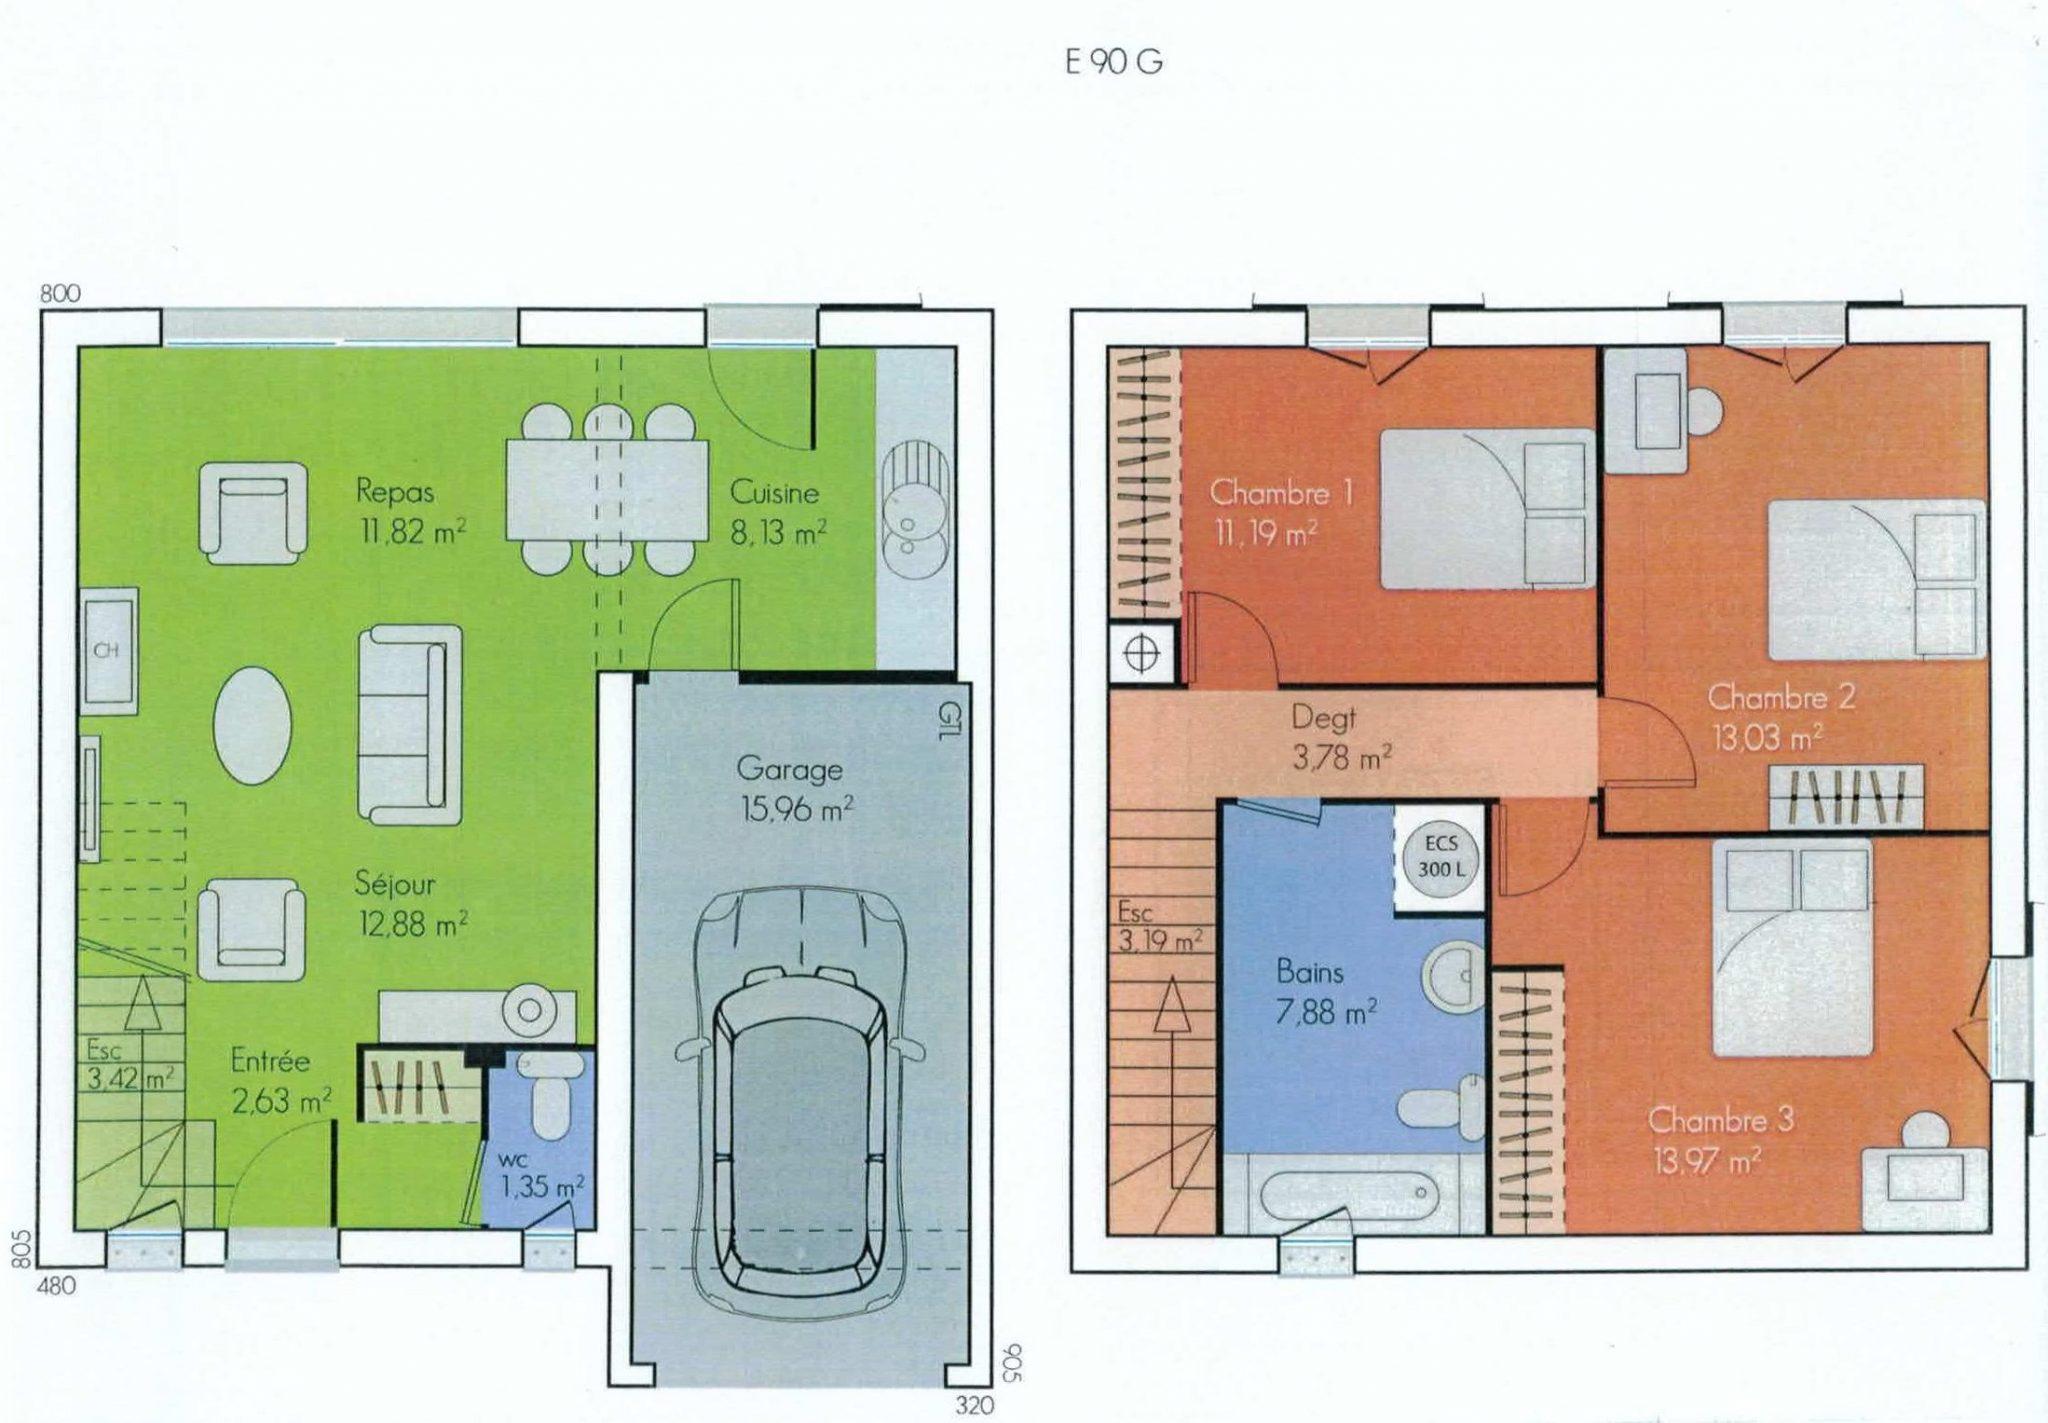 plan de maison etage mc immo. Black Bedroom Furniture Sets. Home Design Ideas